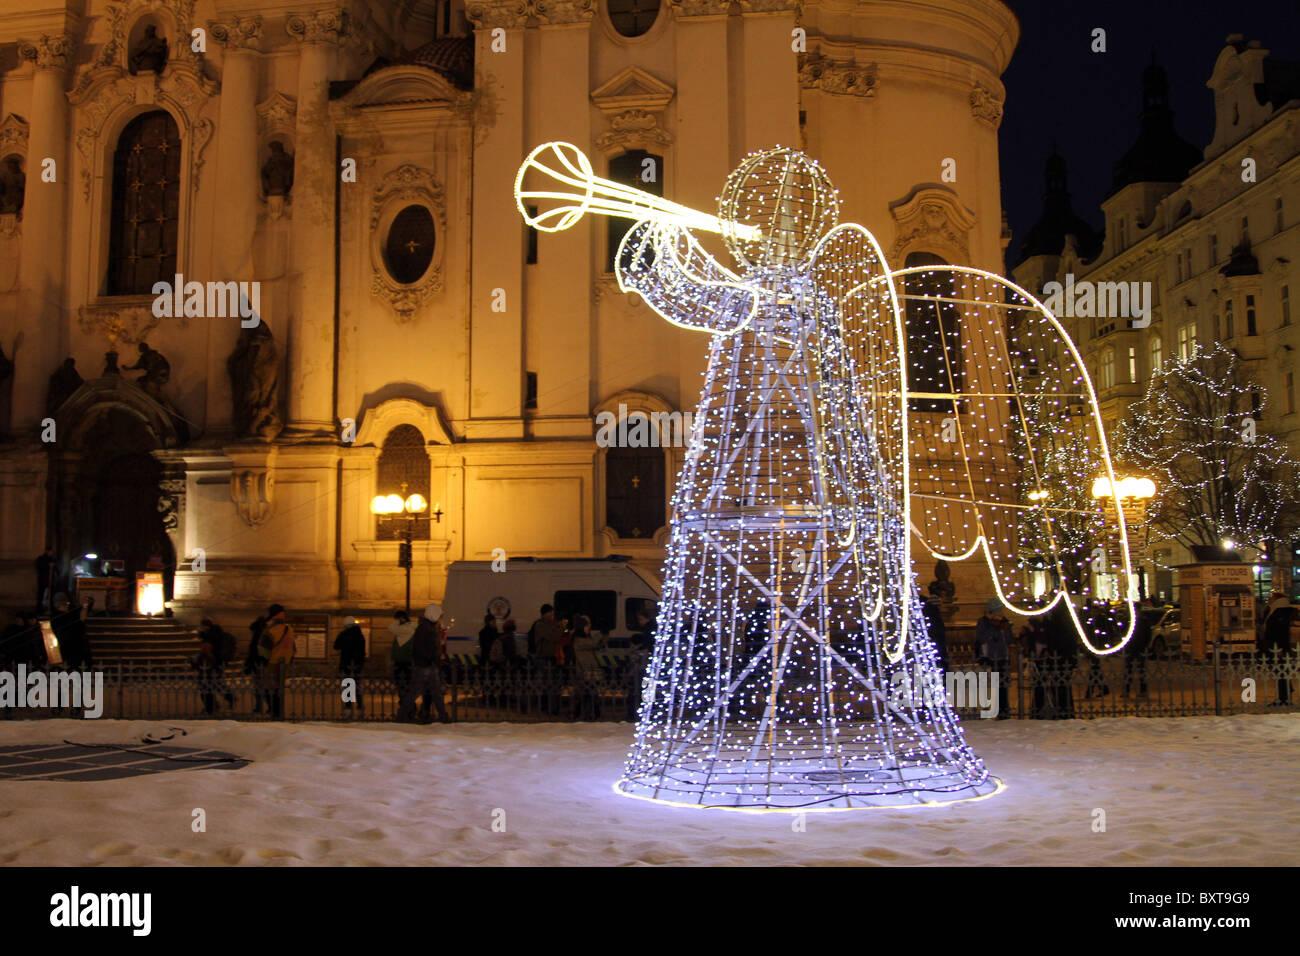 Weihnachtsbeleuchtung Engel.Beleuchtete Engel Weihnachtsbeleuchtung In Prag Tschechische